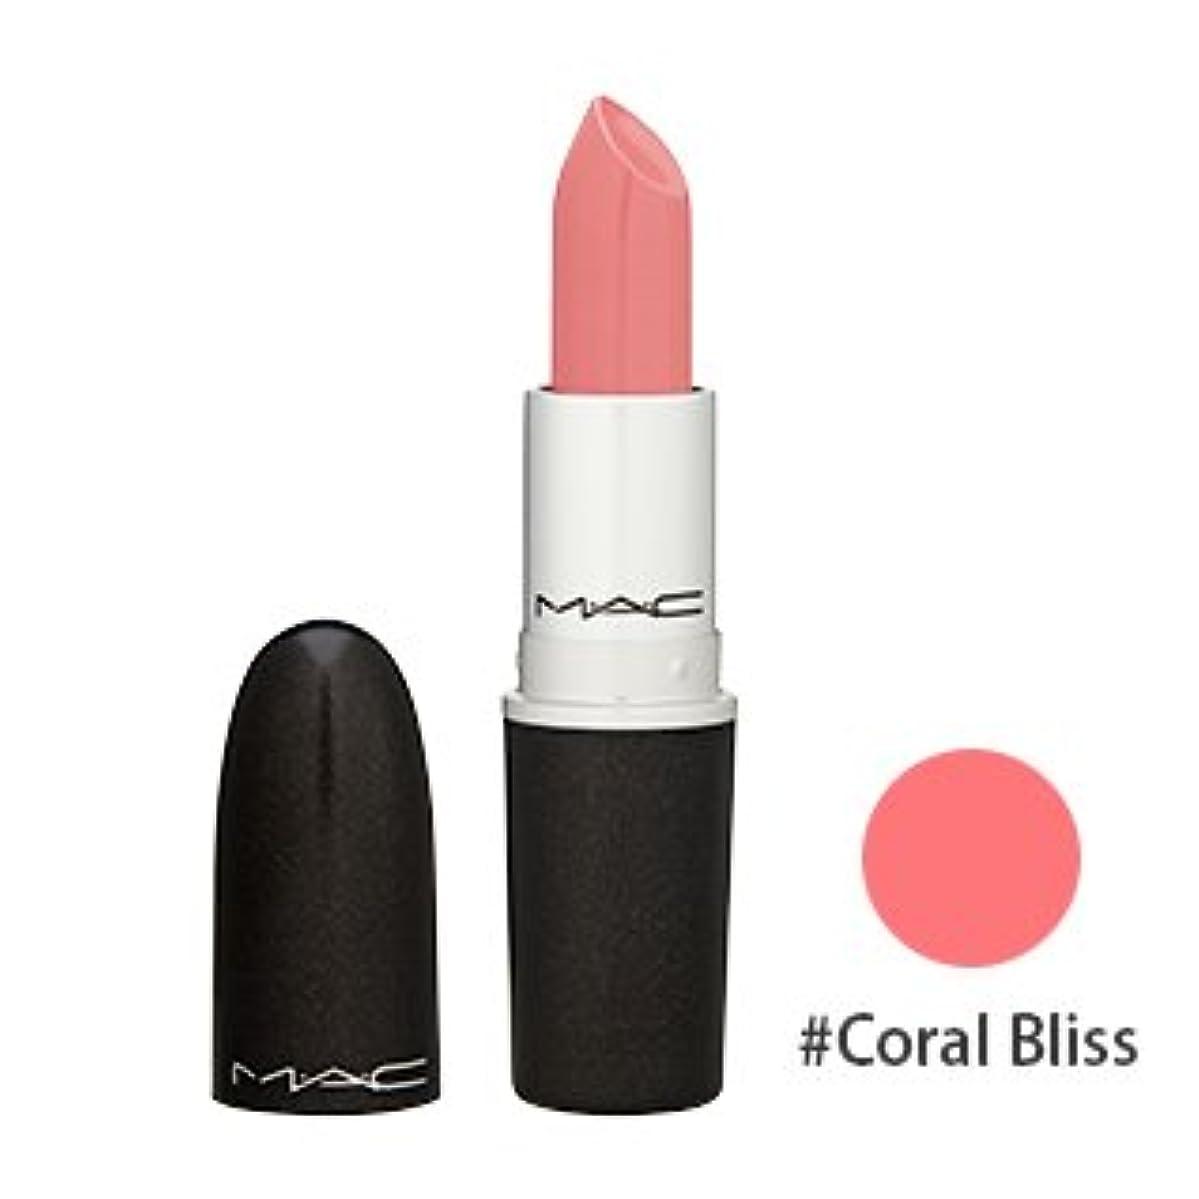 スリッパ納屋不信マック(M?A?C(MAC)) リップスティック #Coral Bliss(コーラルピンク)[クリームシーン] 3g [海外直送品] [並行輸入品]